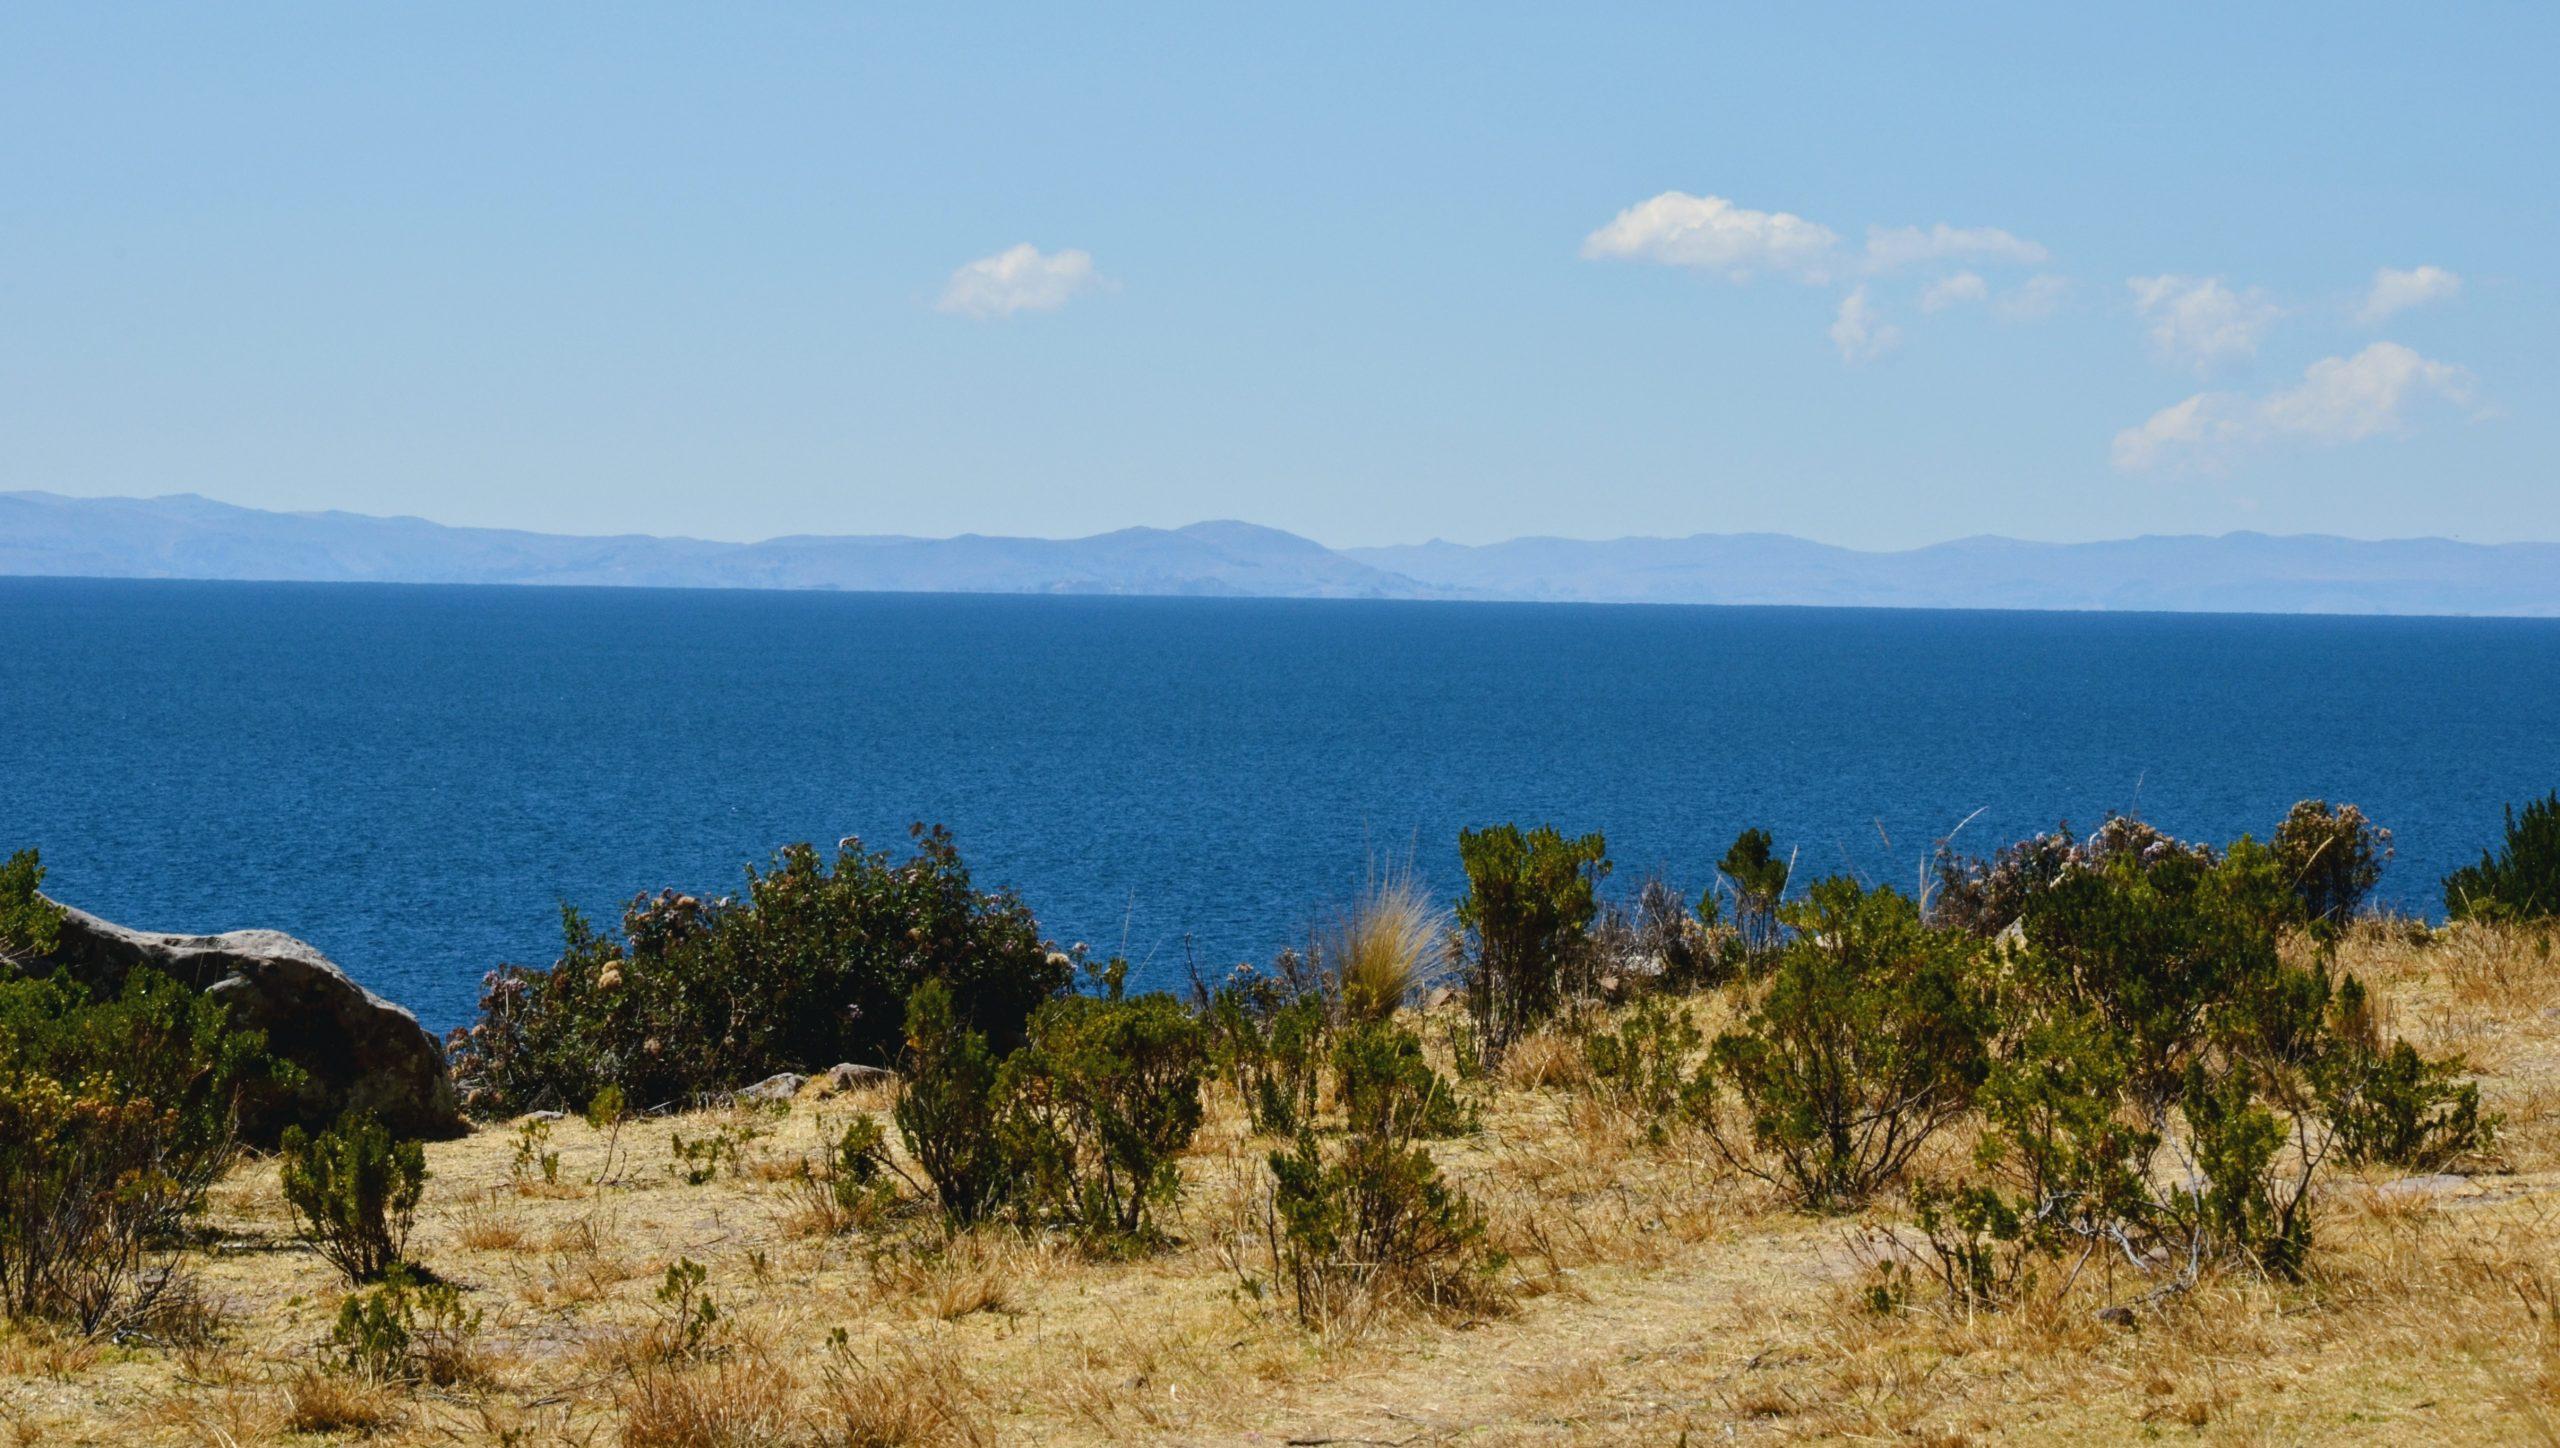 Il lago Titicaca visto da una delle sue splendide isole